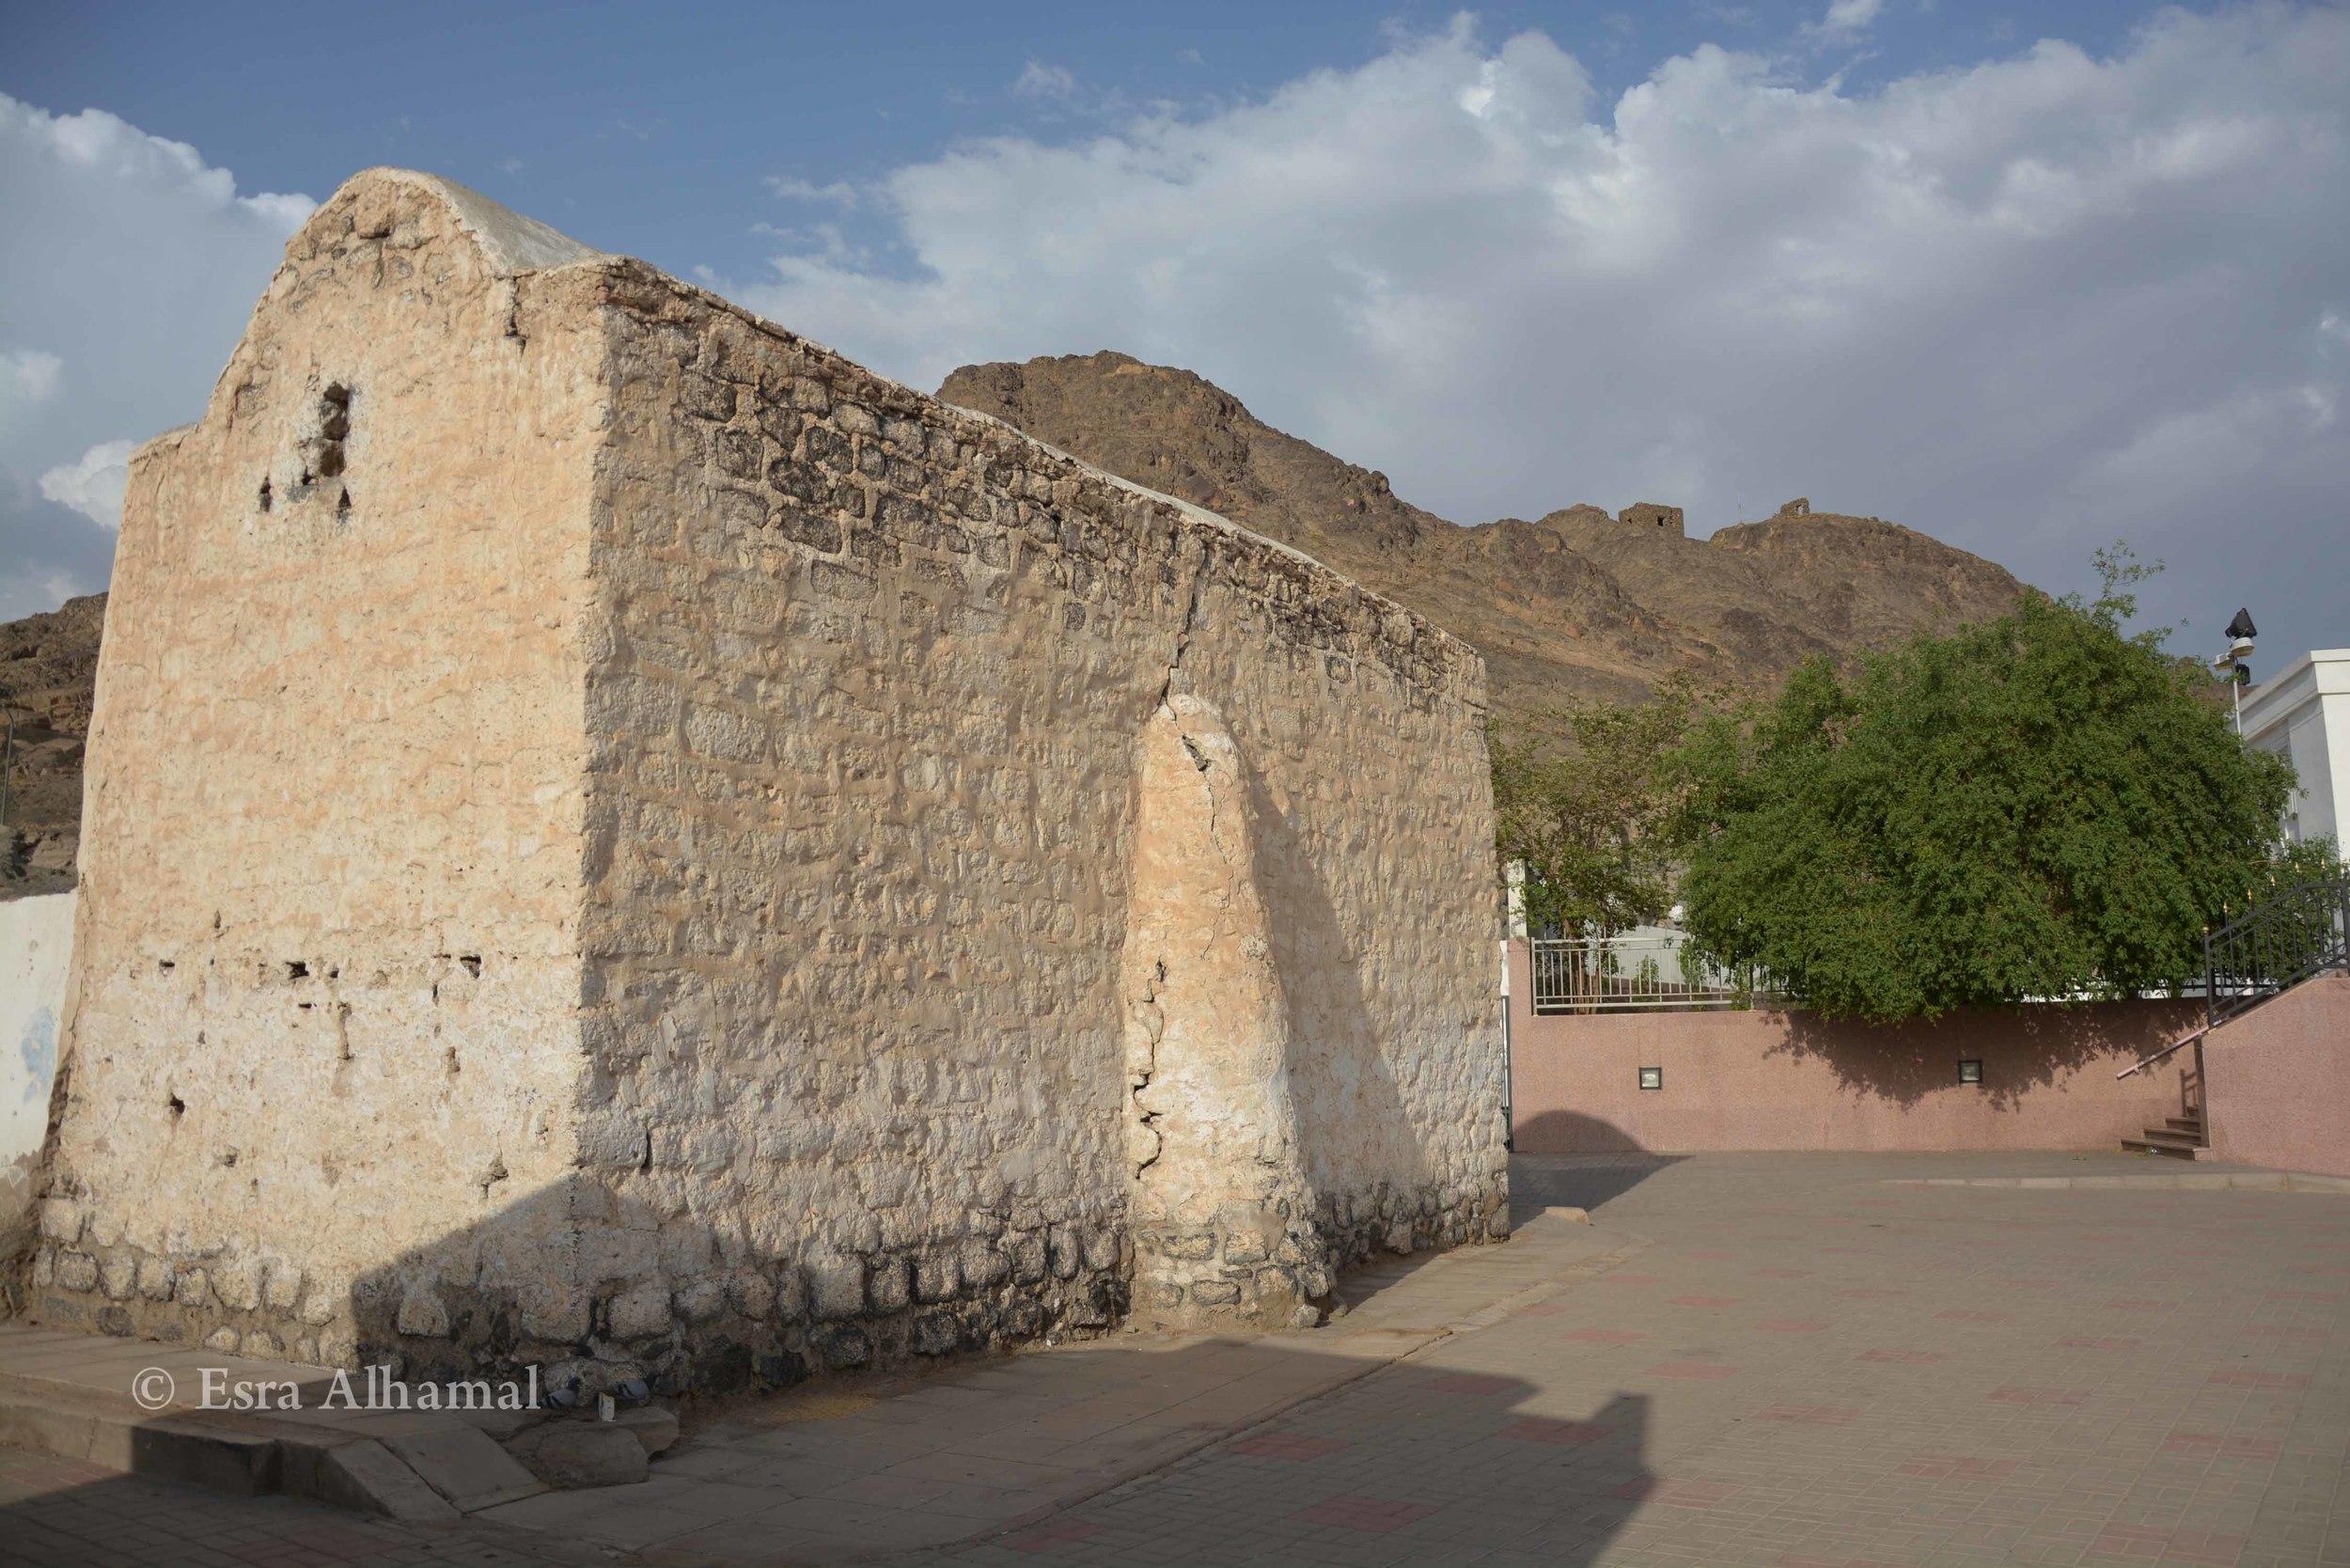 مسجد سلمان الفارسي - Salman Al Farsi Mosque